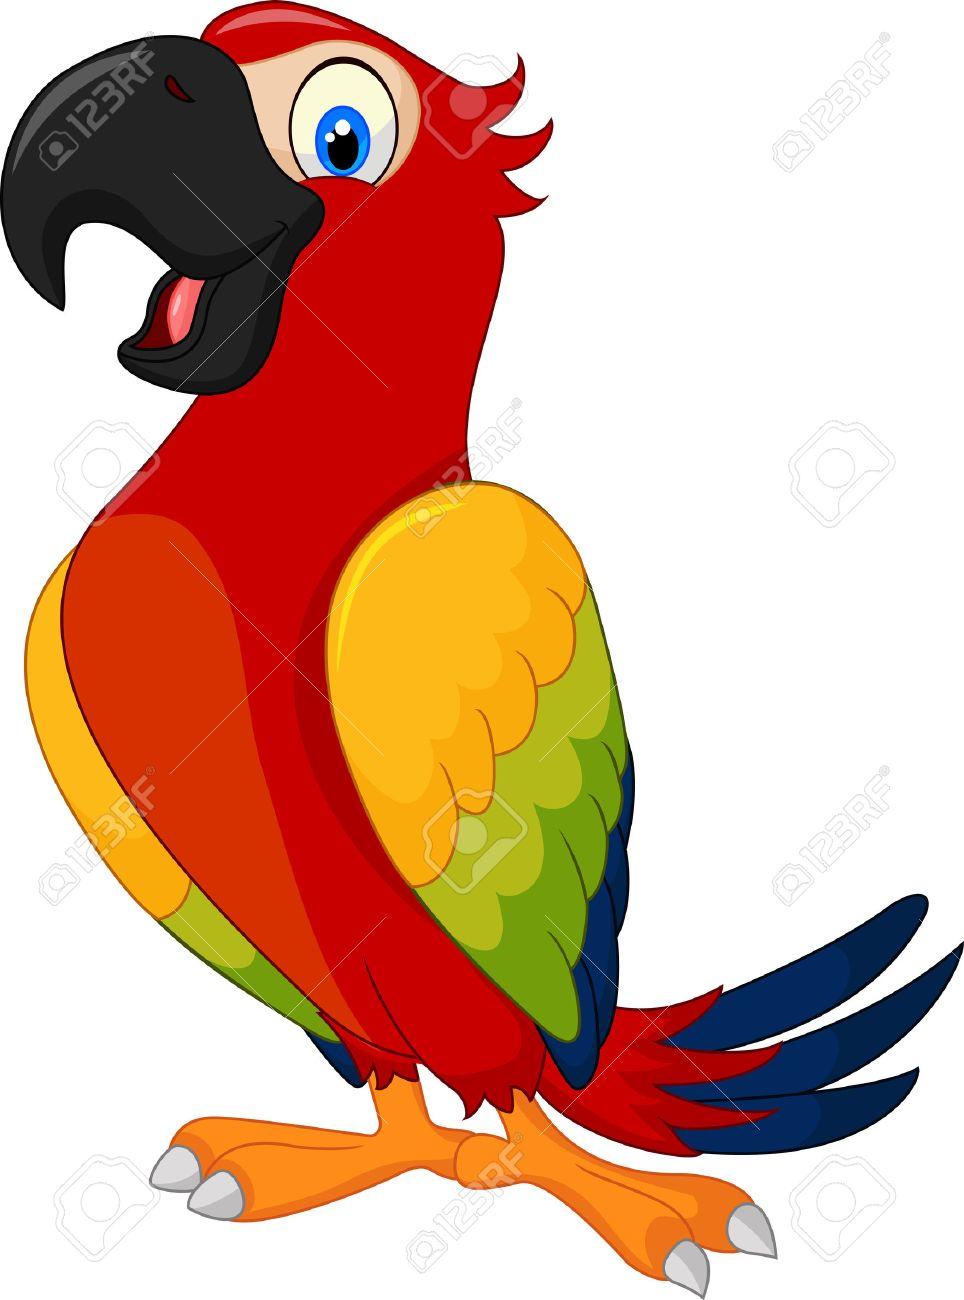 Cartoon cute parrot.